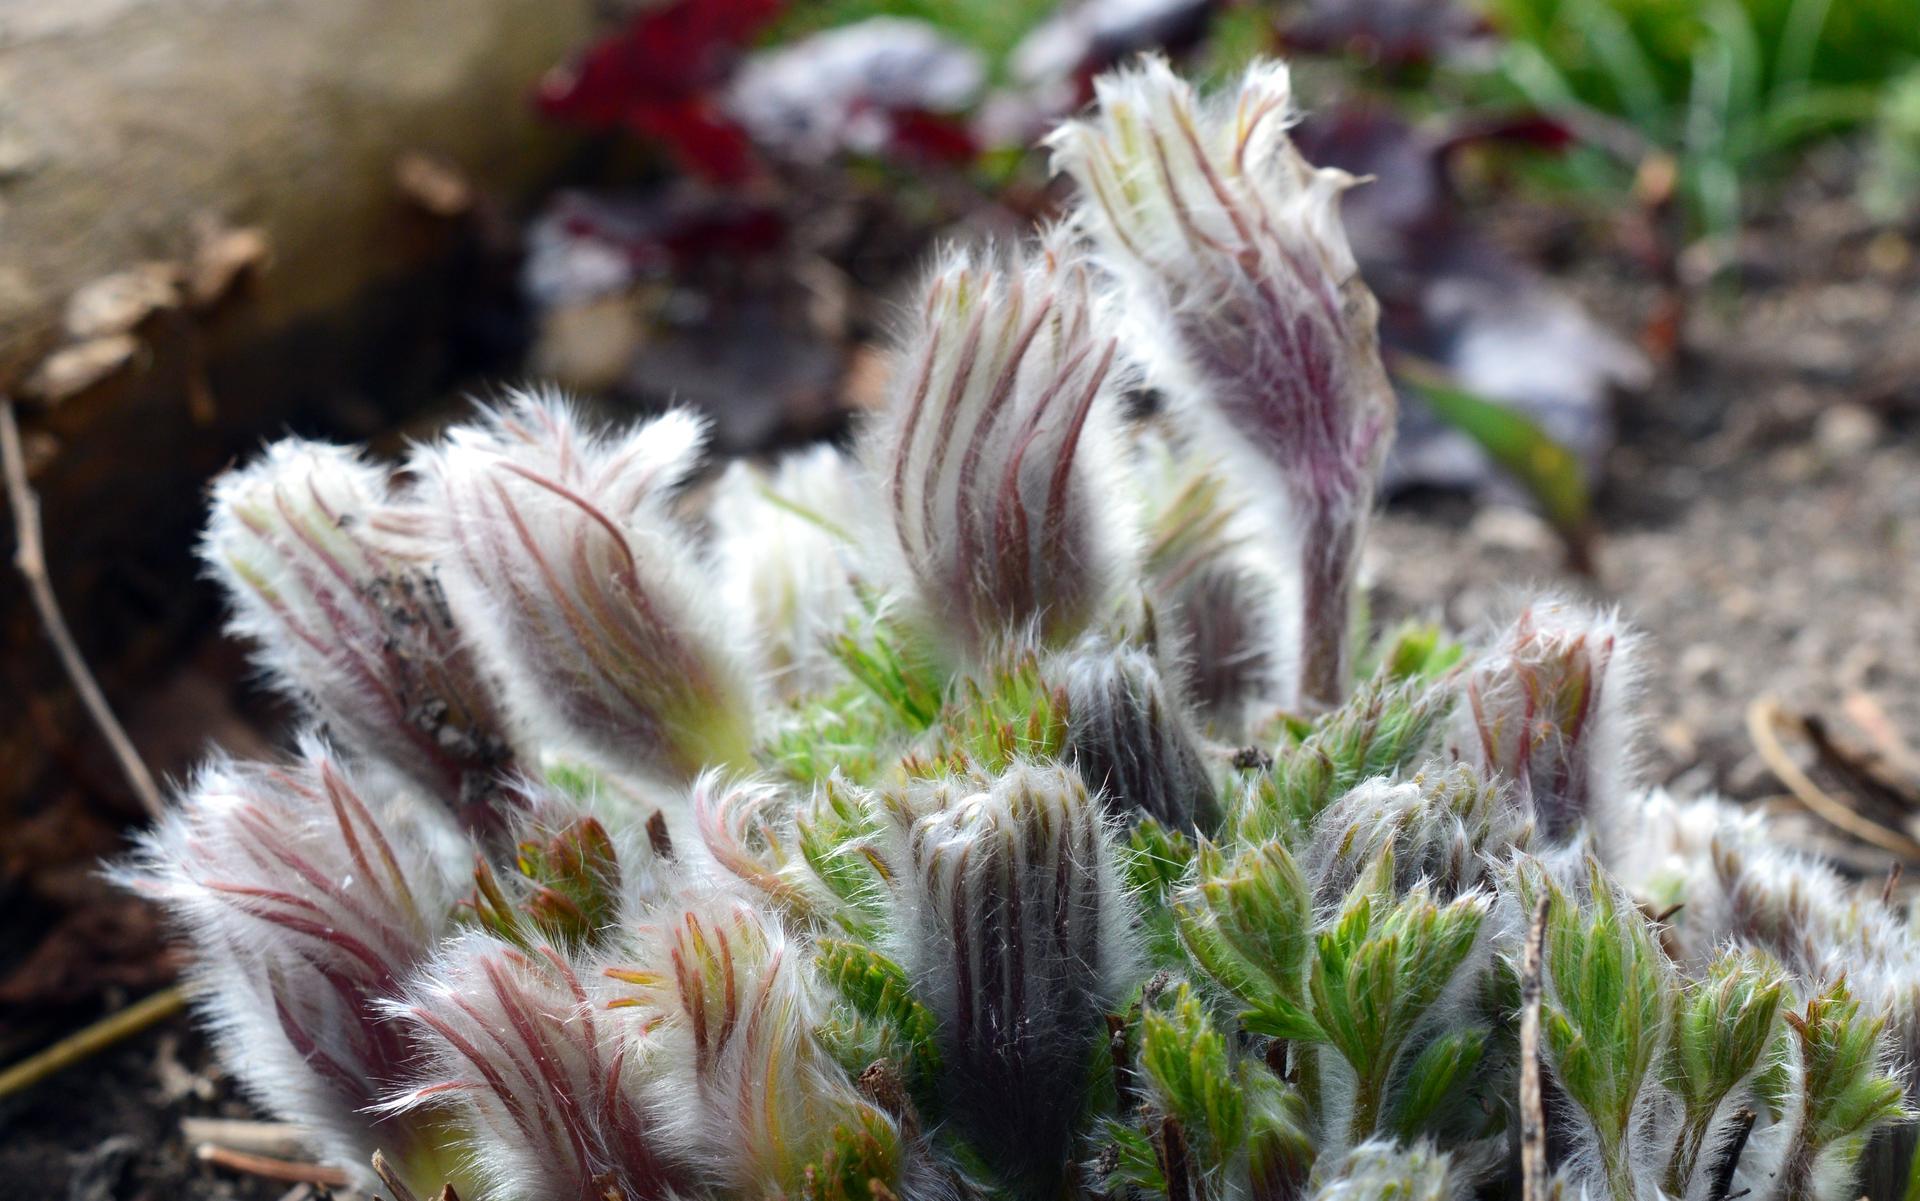 Naša prírodná perma záhradka v roku 2021 - 3/2021 - chlpatá krása ponikleca